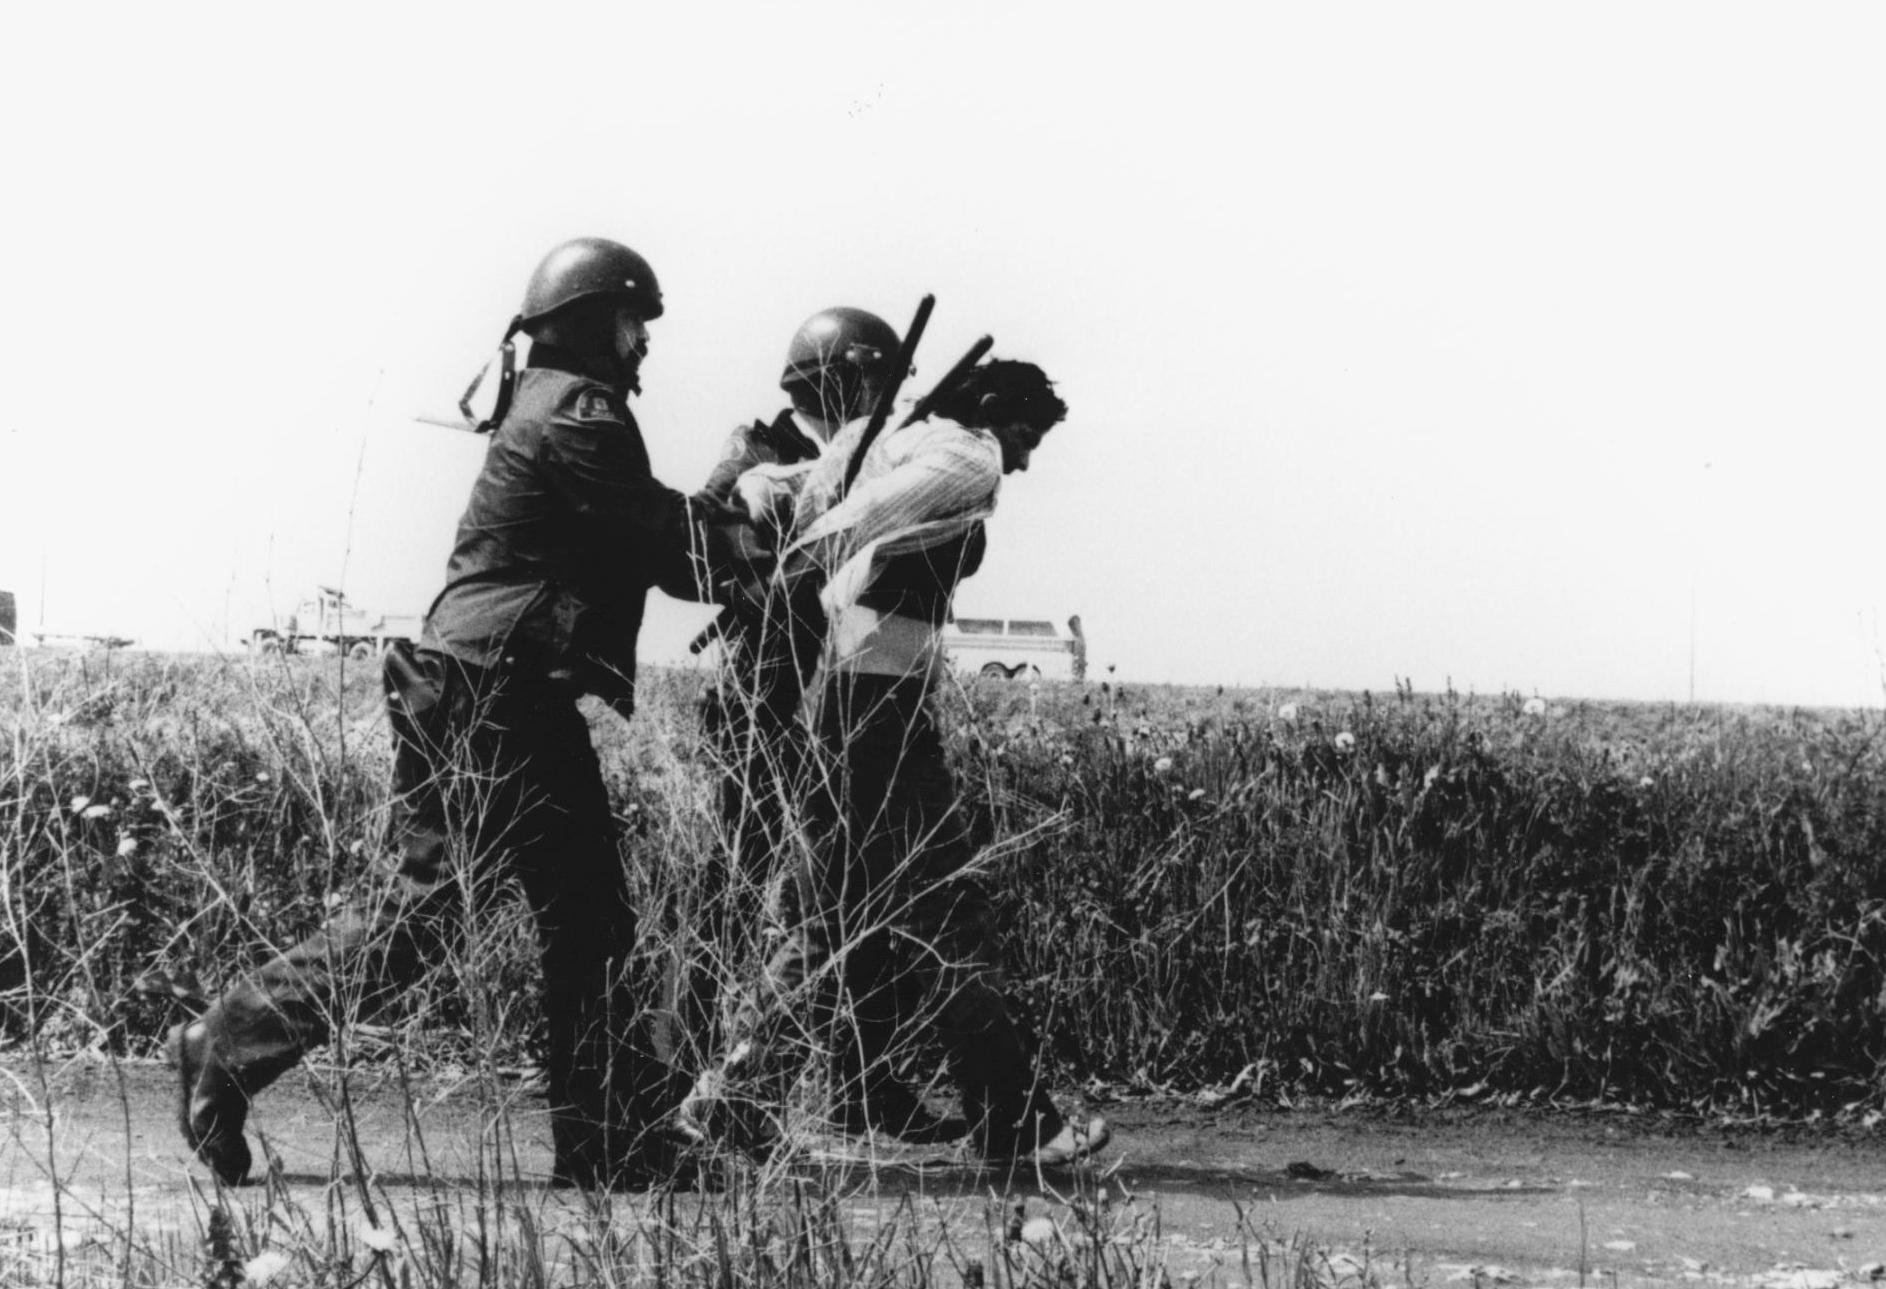 Film: Incident at Restigouche